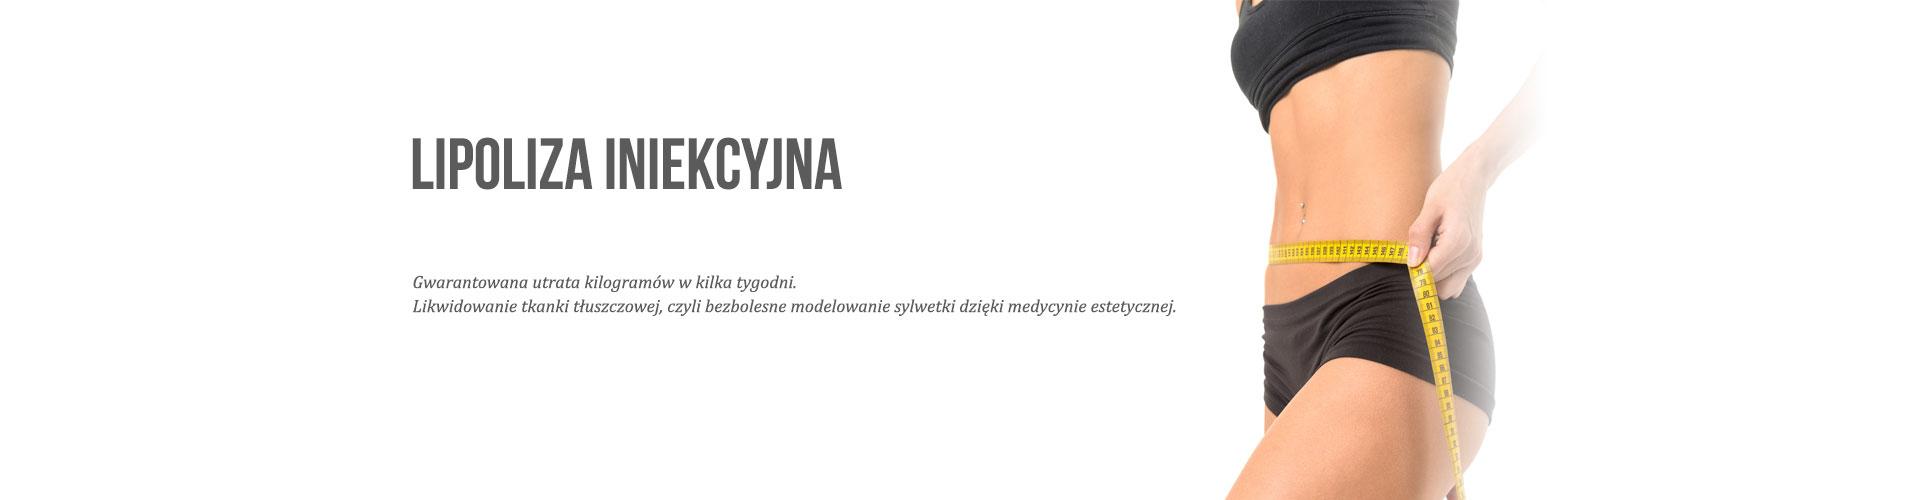 lipoliza_iniekcyjna